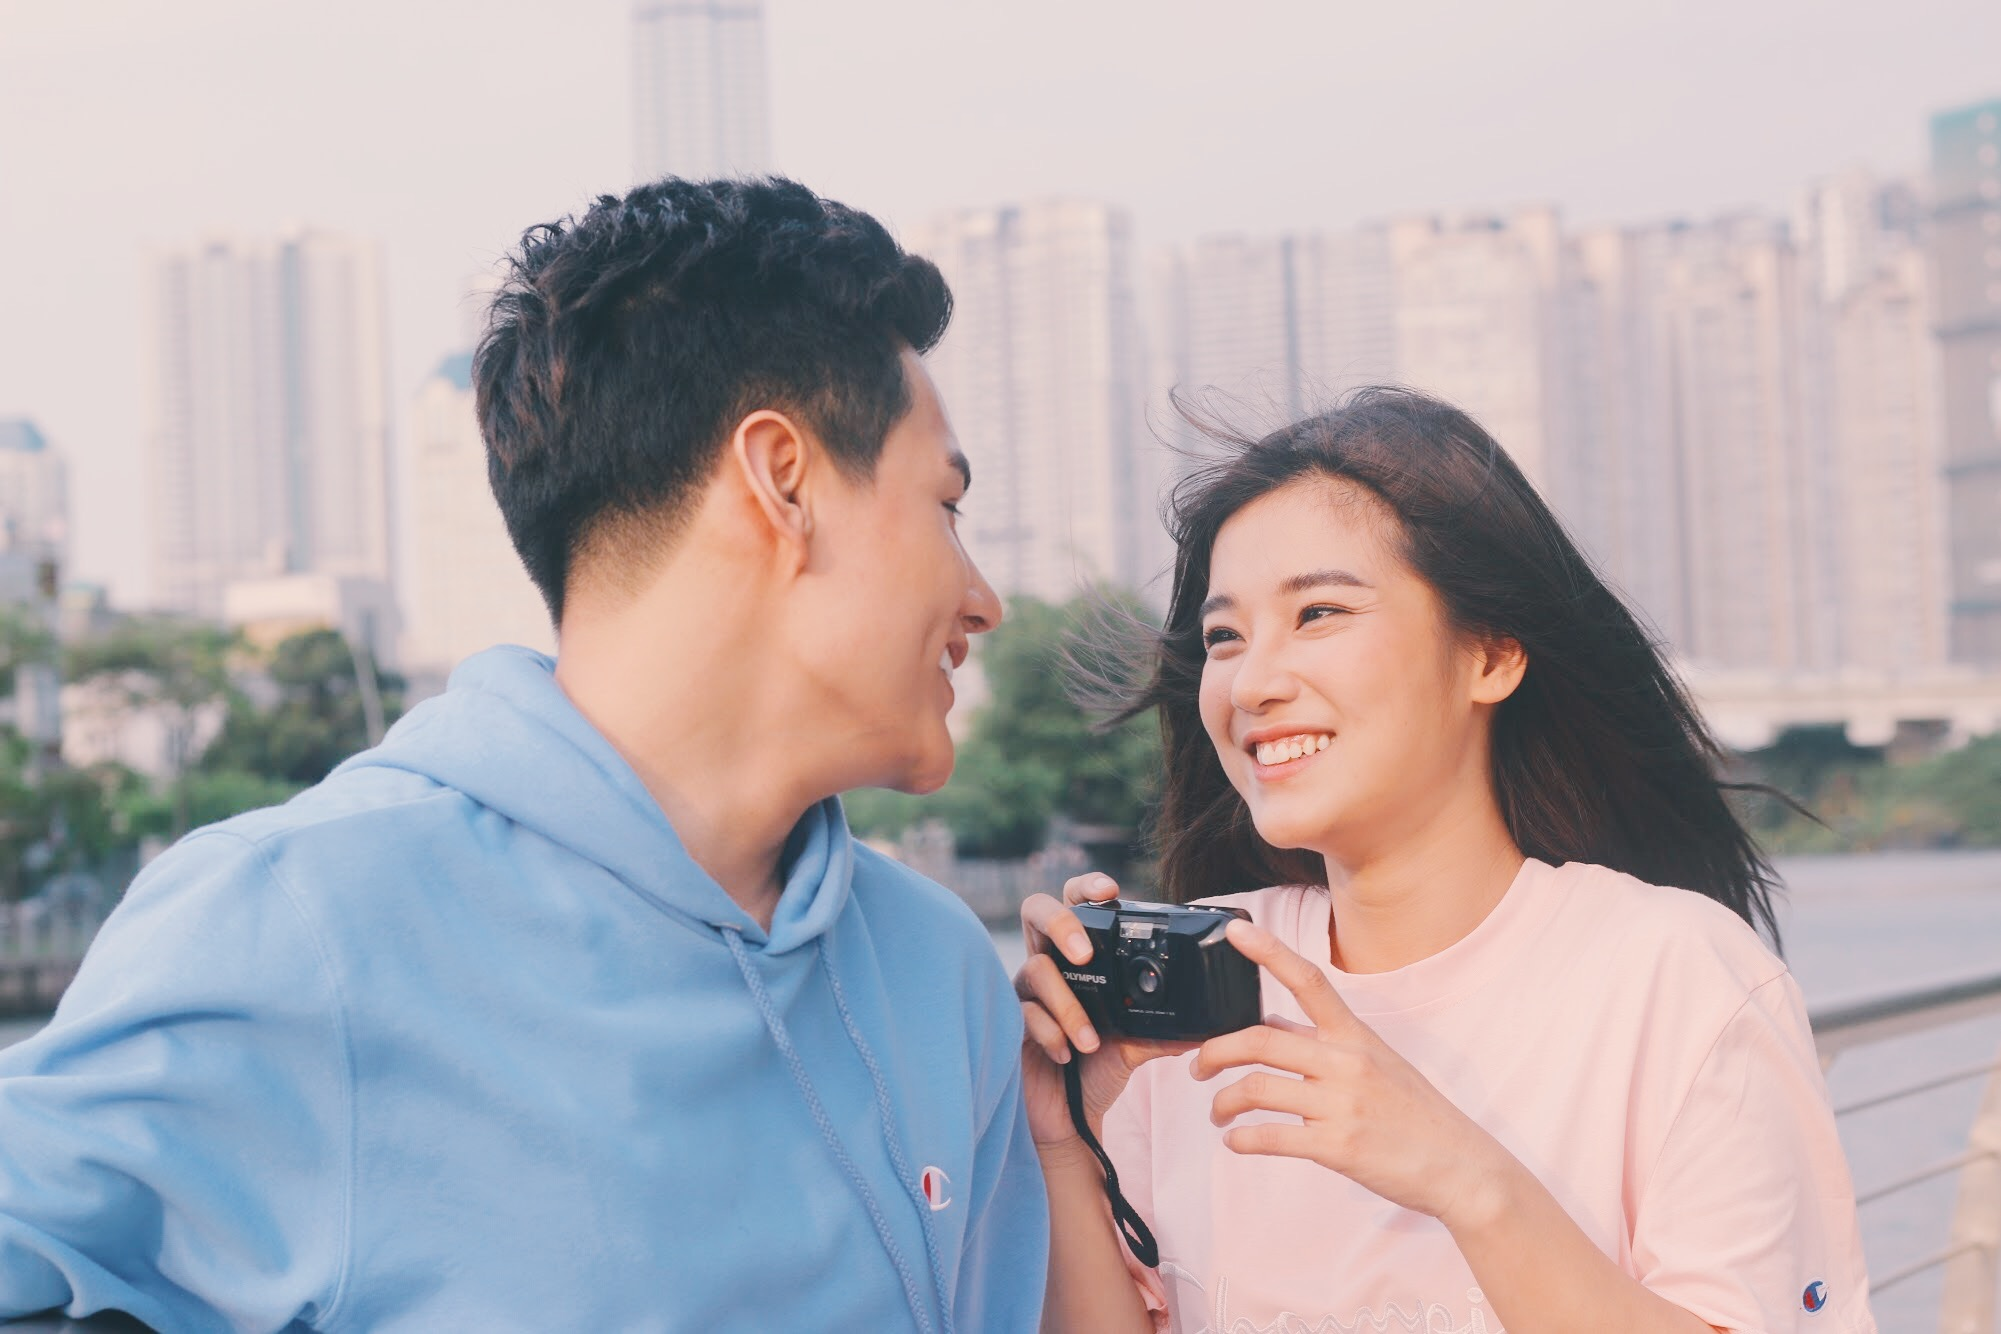 Hoàng Yến Chibi rung động chàng trai nhà bên trong MV mới - Ảnh 3